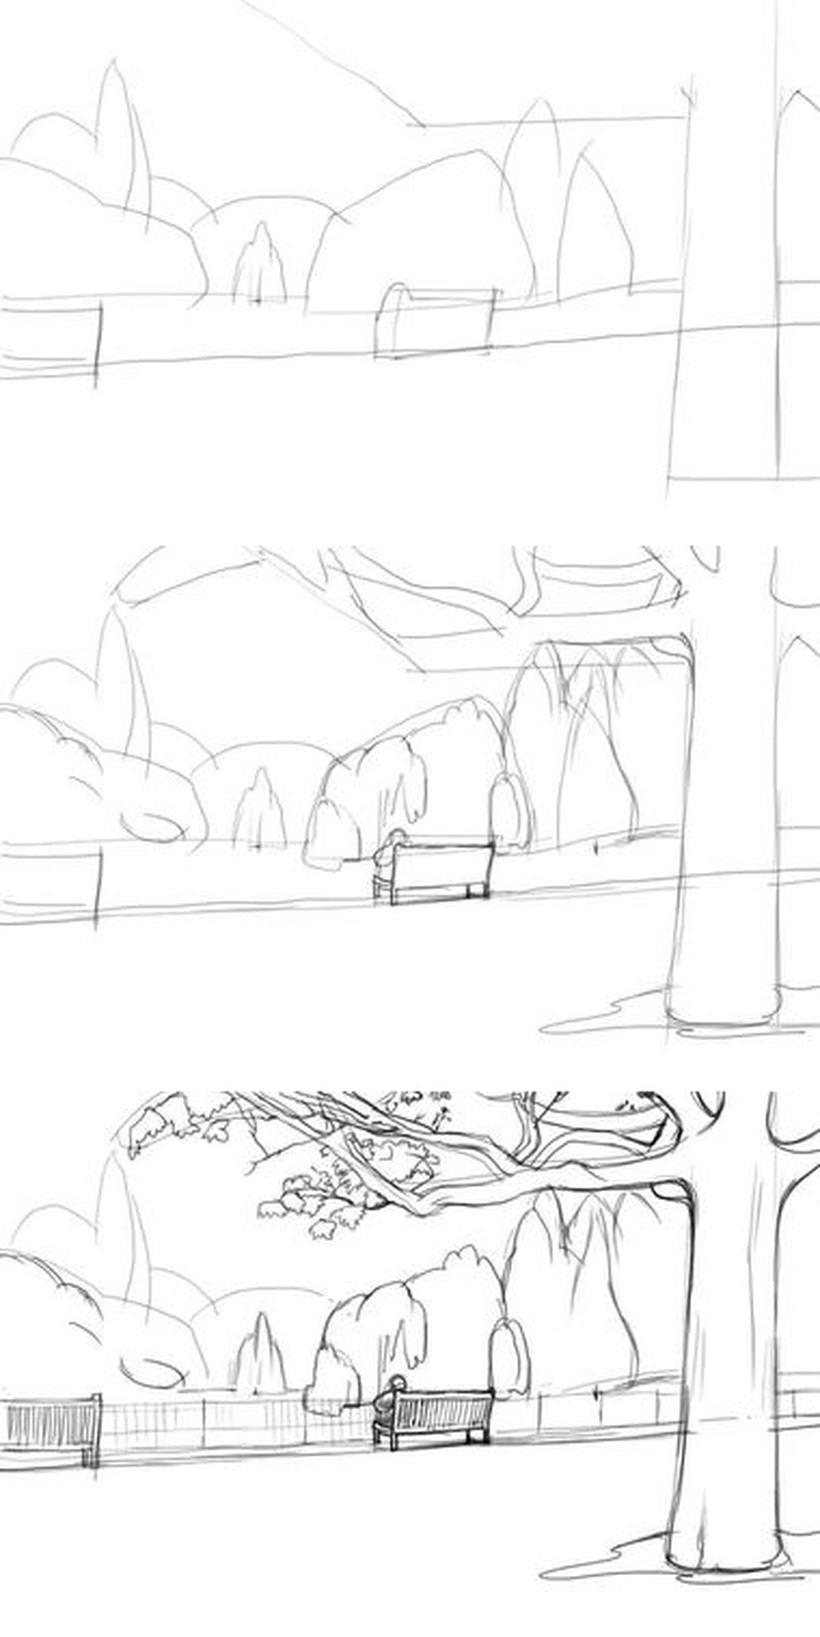 paisajes urbanos dibujos fáciles paso a paso a lápiz para colorear banco de plaza parque